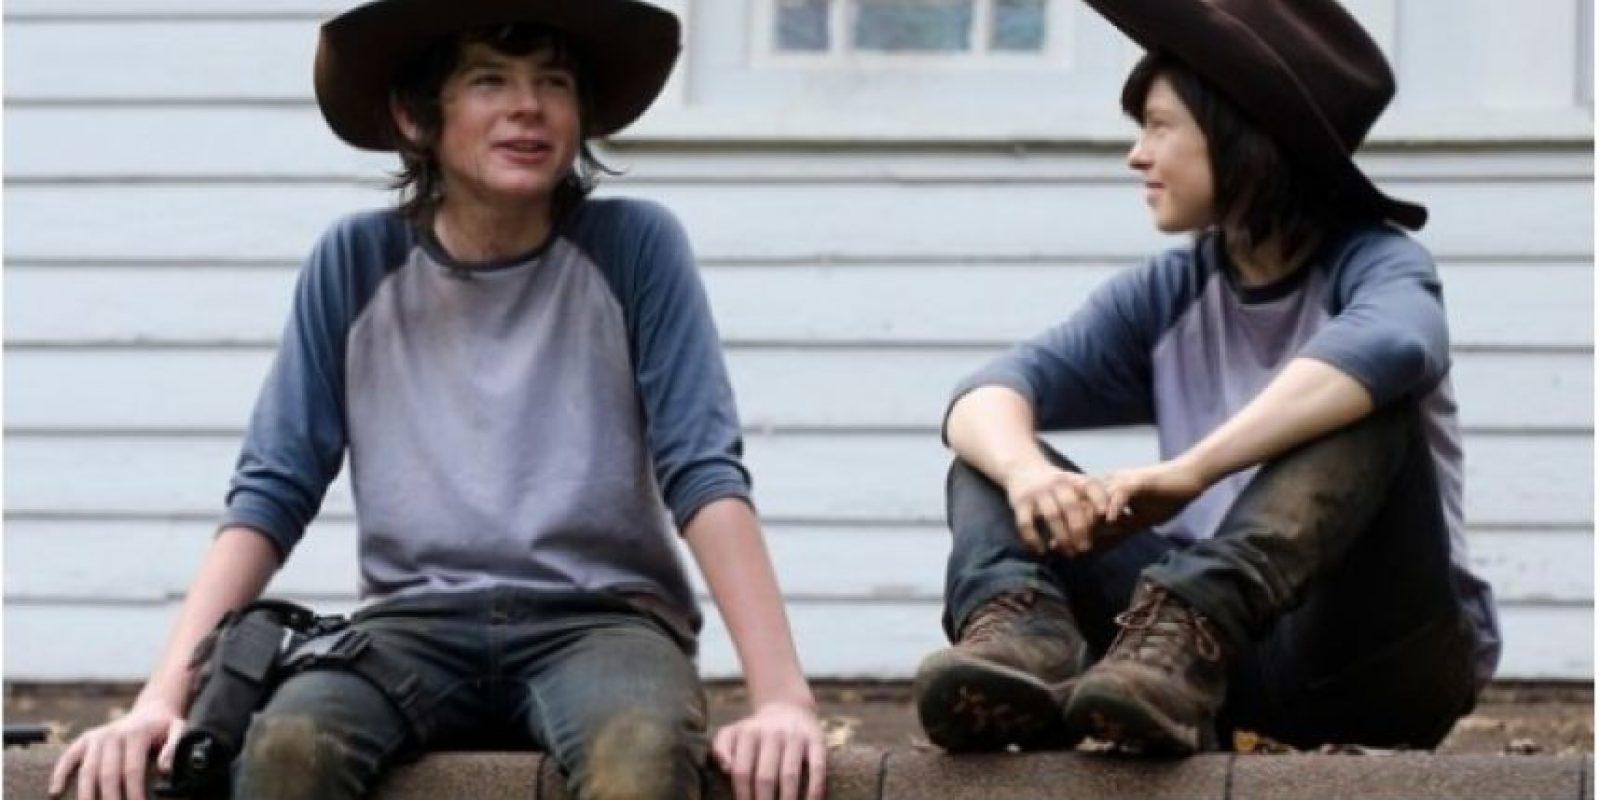 Chandler Riggs de 14 años, quien trabaja en la serie The Walking Dead tiene un doble de 29 años.